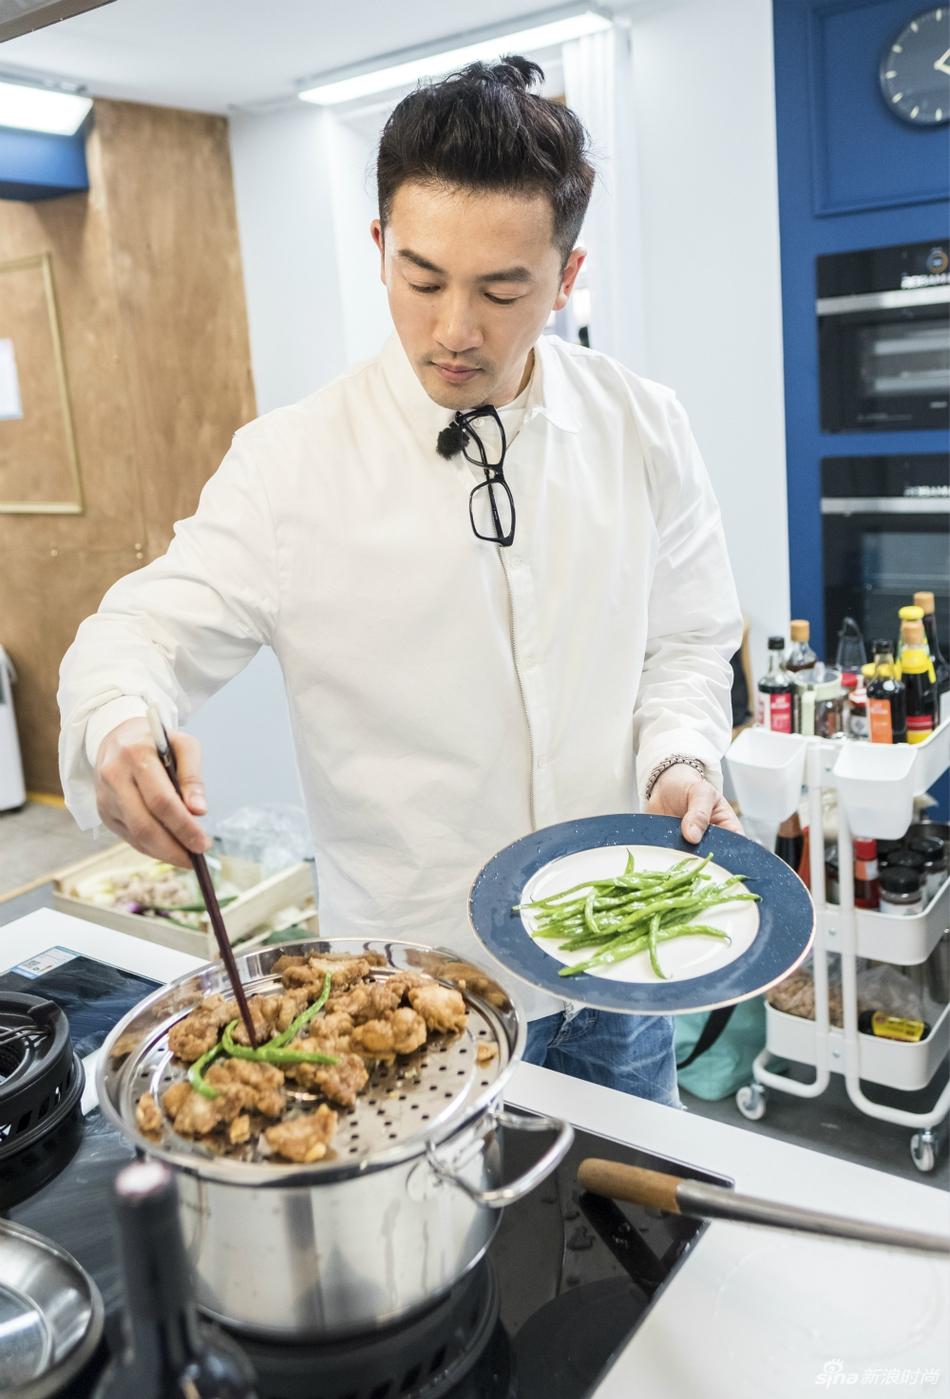 《中餐厅》将开播 苏有朋白色衬衫牛仔裤很有大厨范儿